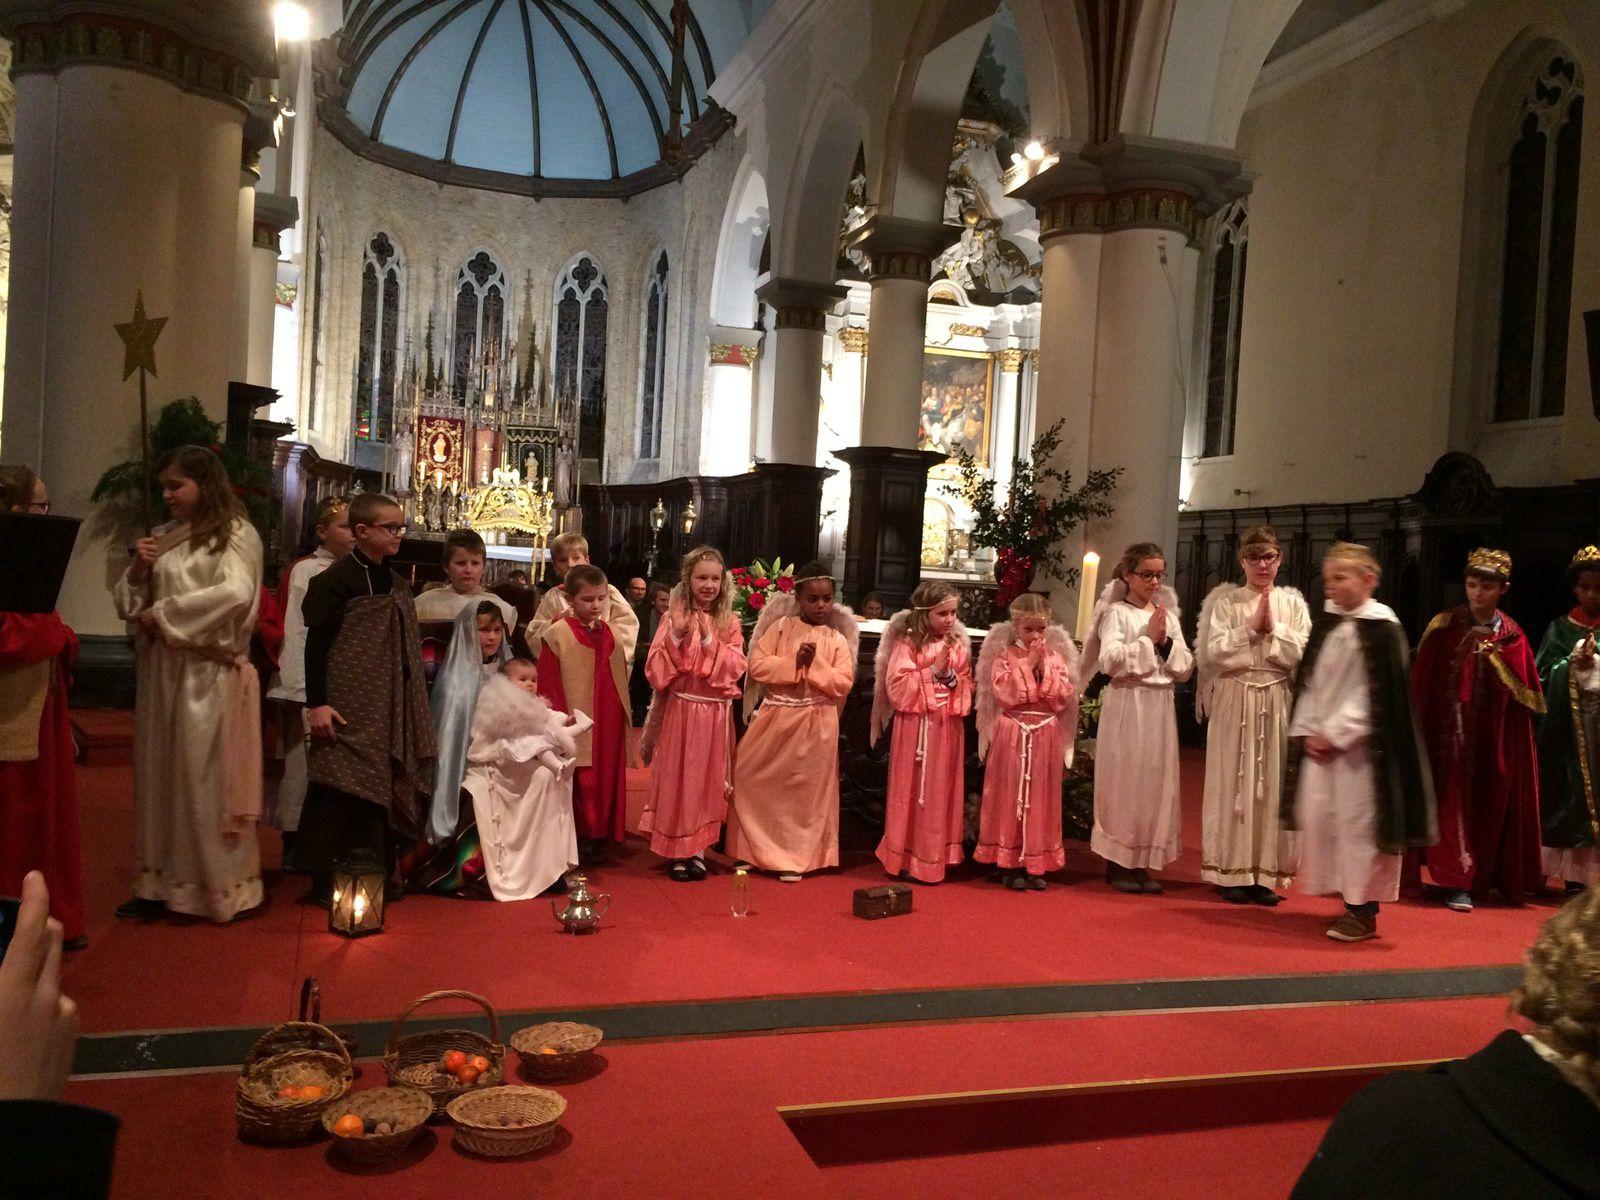 24 décembre, 19h30, messe de Noël à Hondschoote.